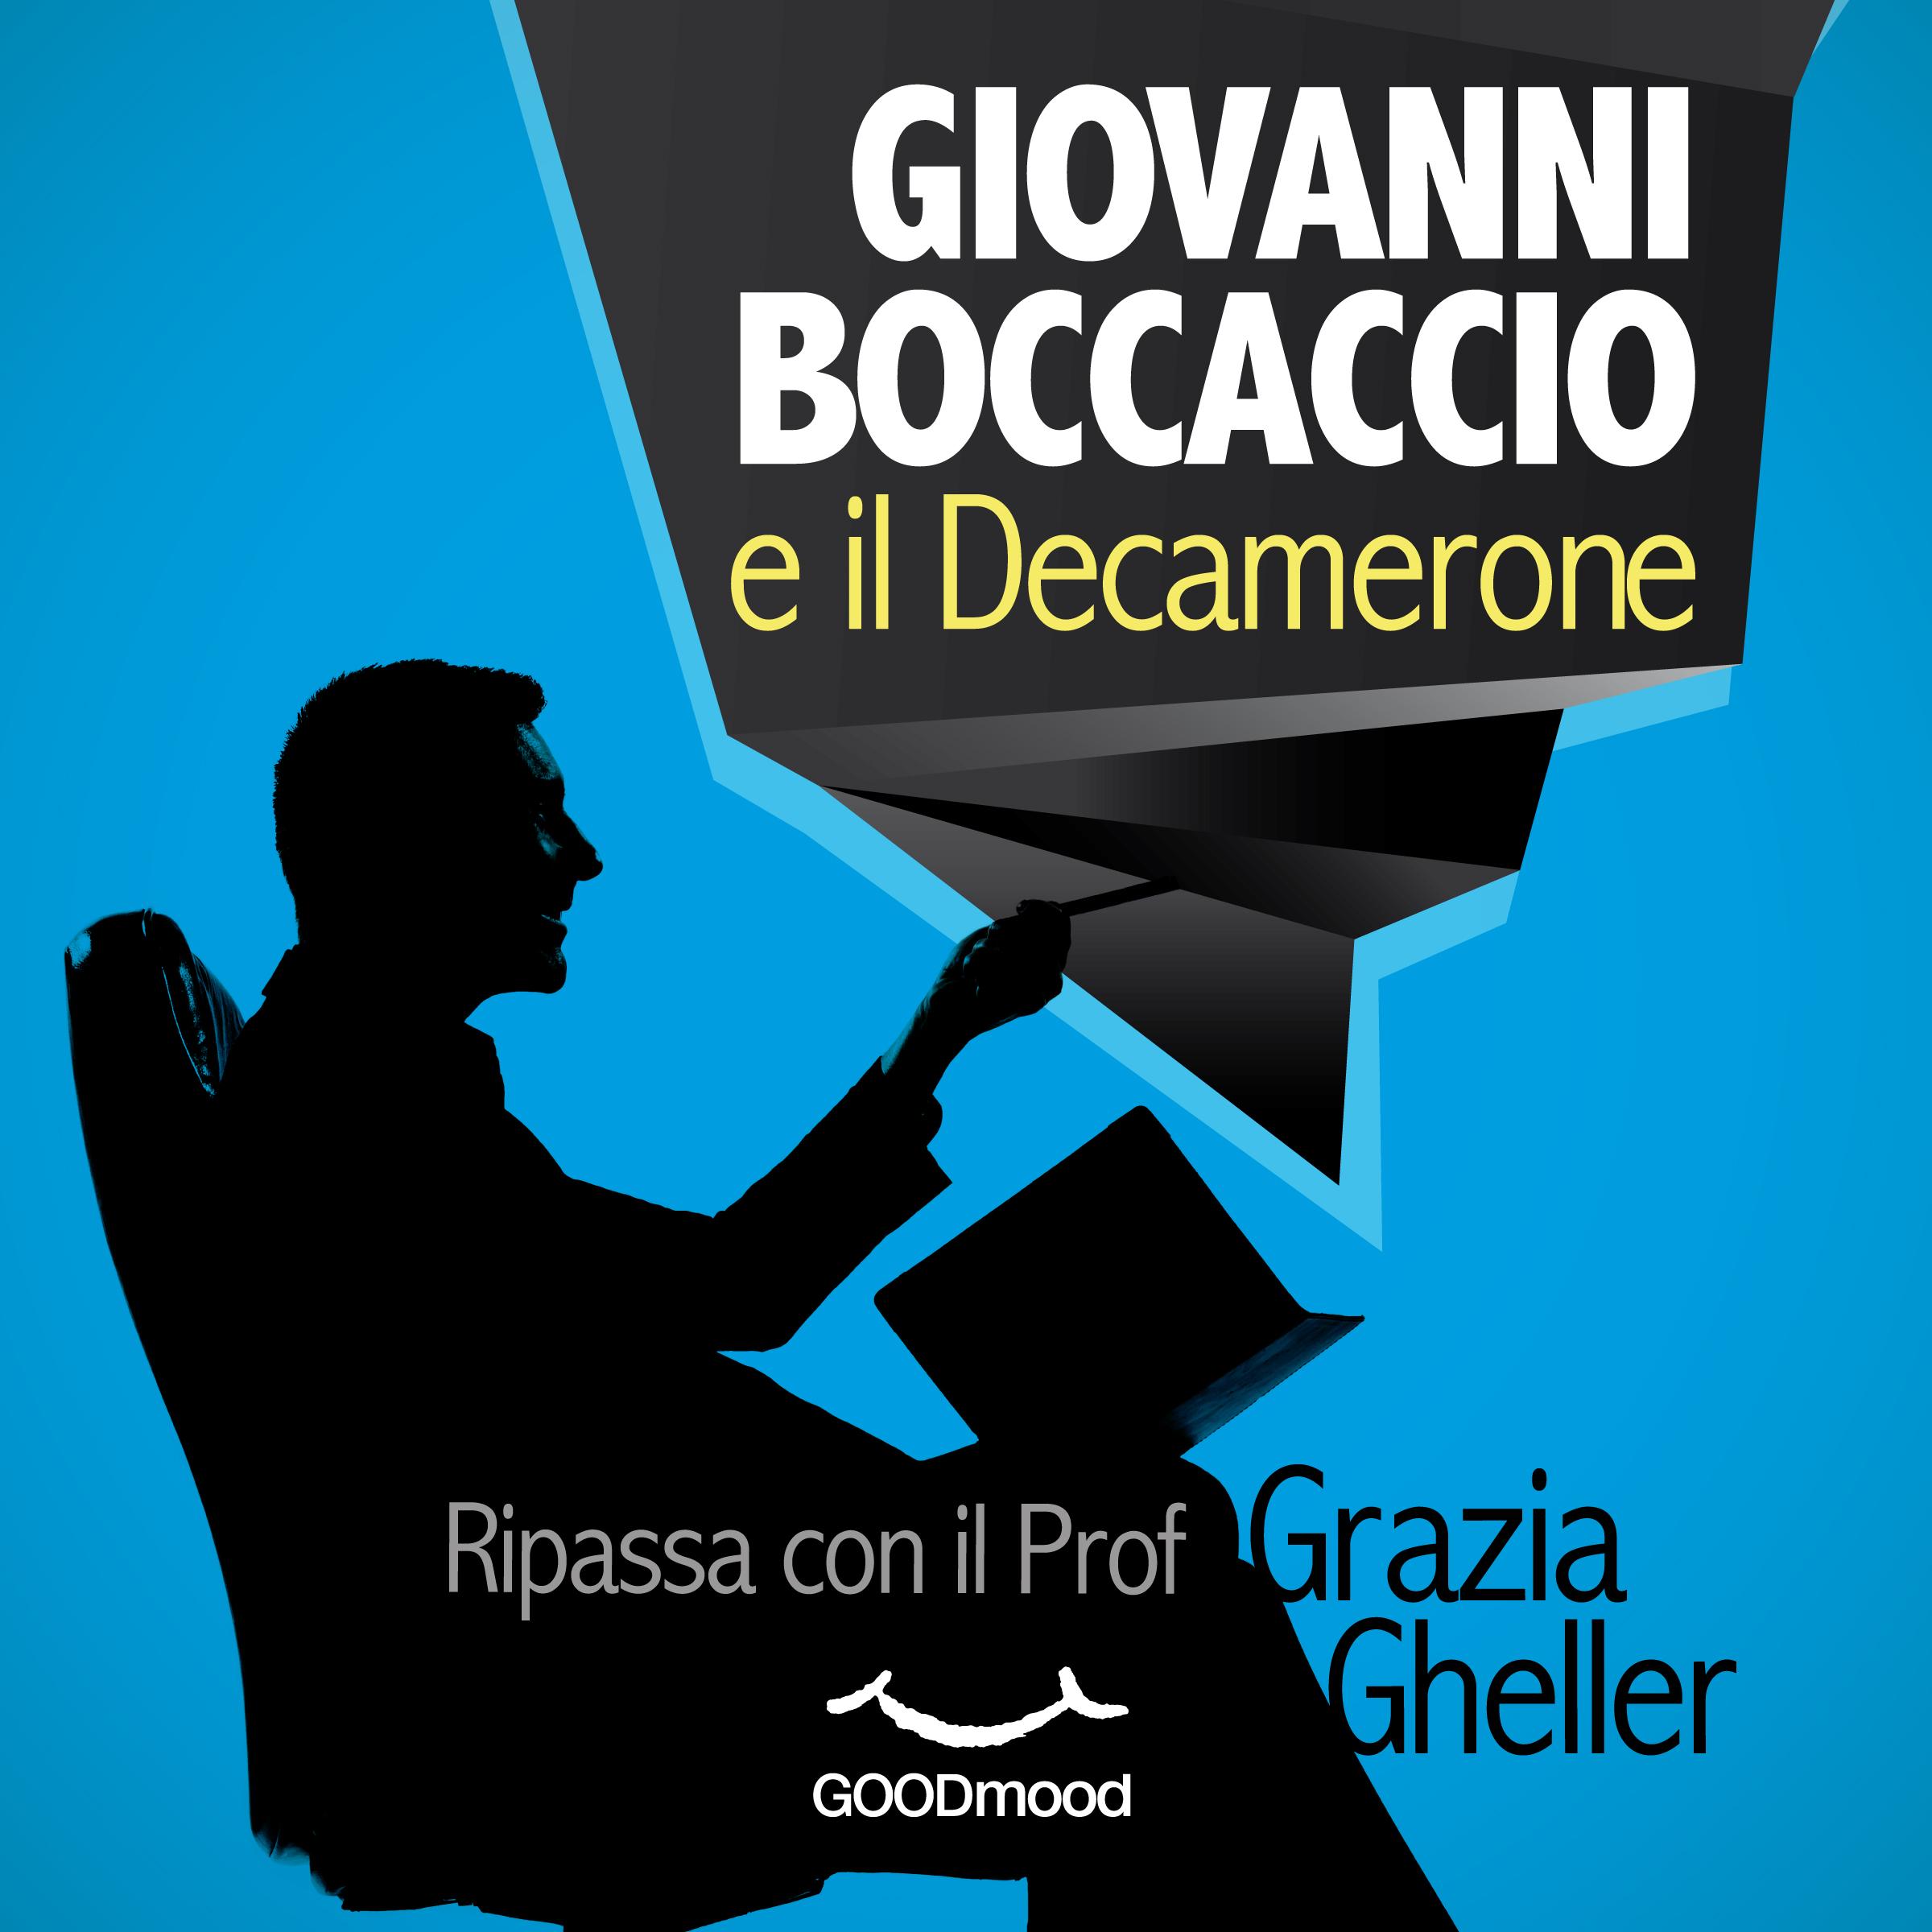 Giovanni Boccaccio e il Decamerone. -0